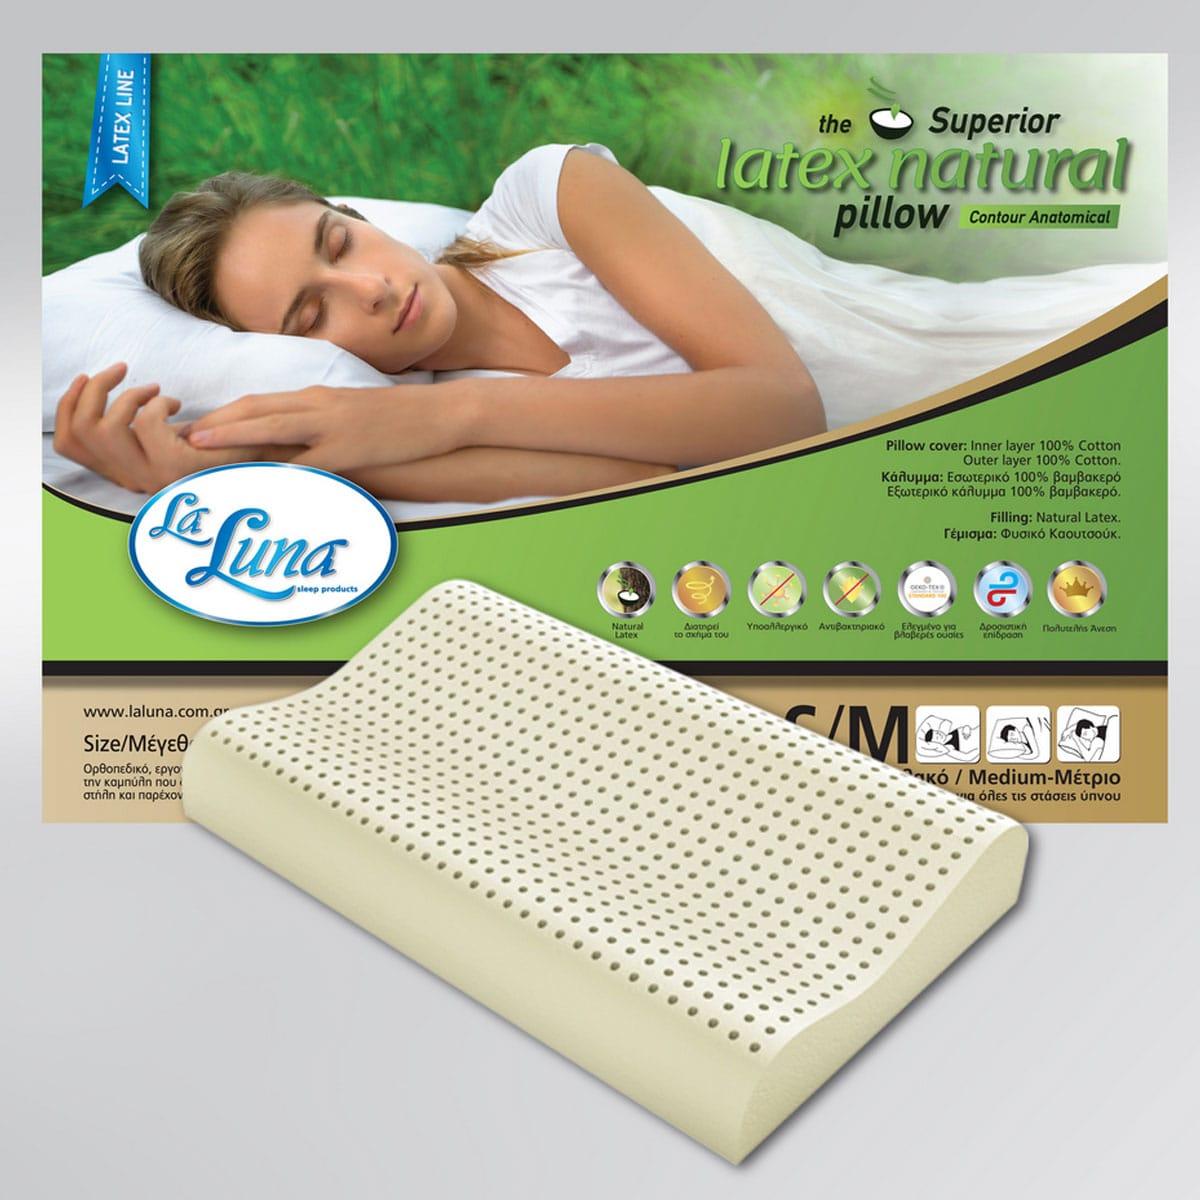 Μαξιλάρι Ύπνου Superior Latex Contour La Luna 50Χ70 50x70cm